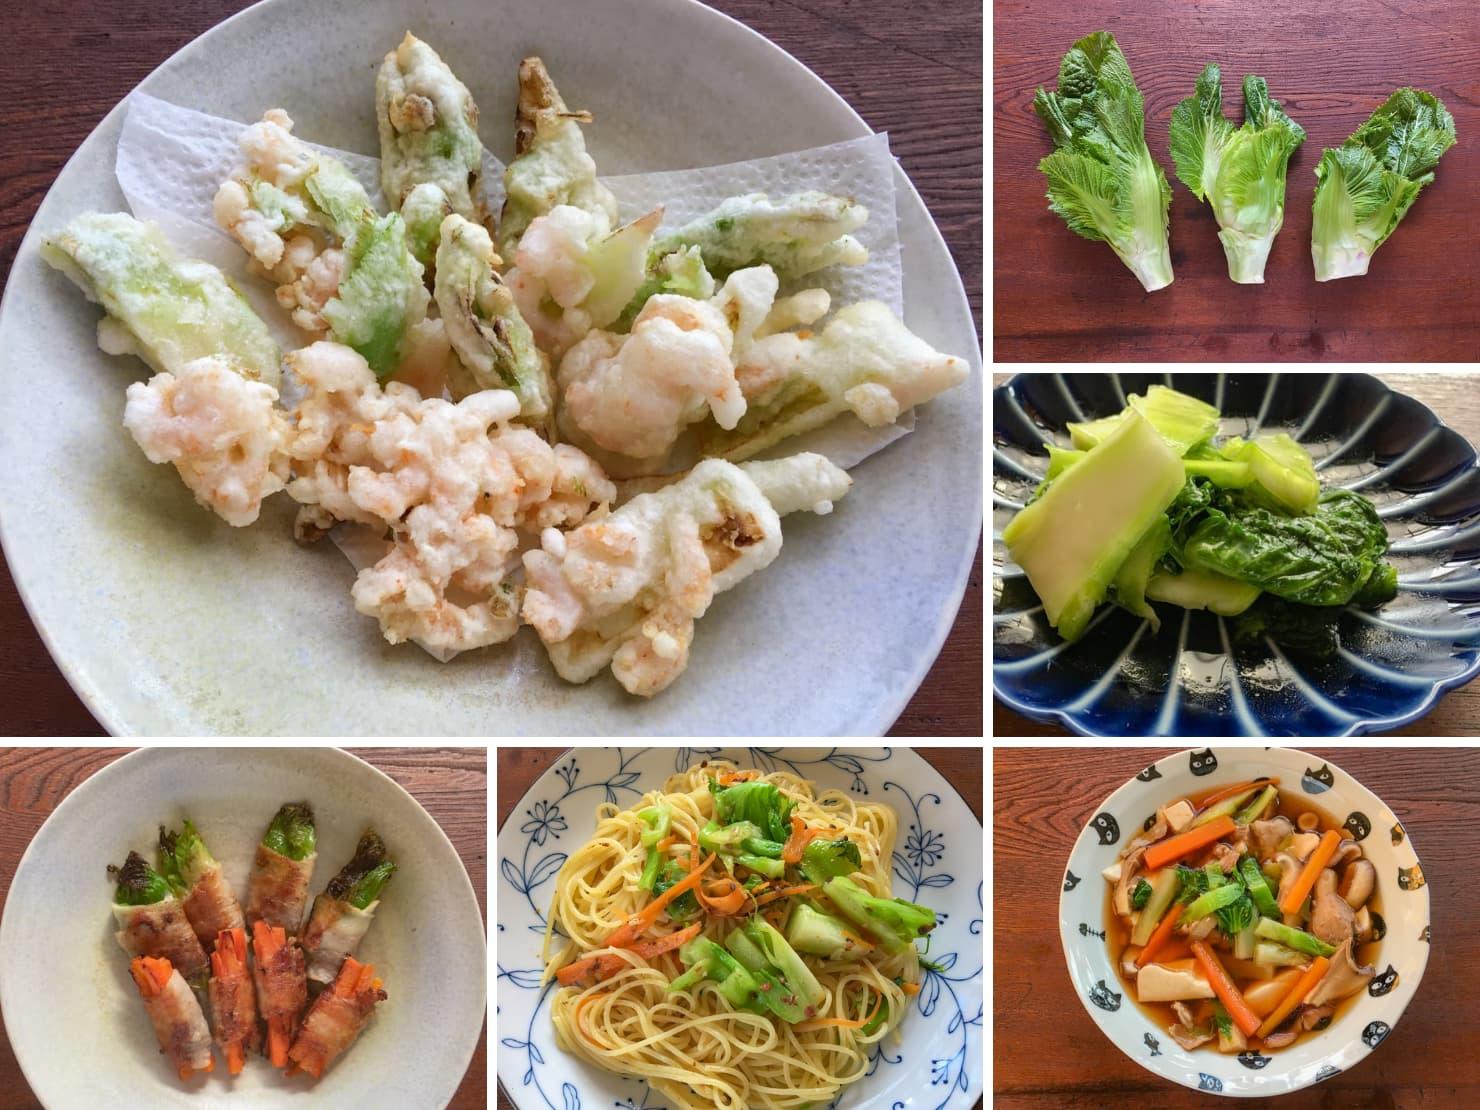 子持ち高菜と子持ち高菜の料理の写真